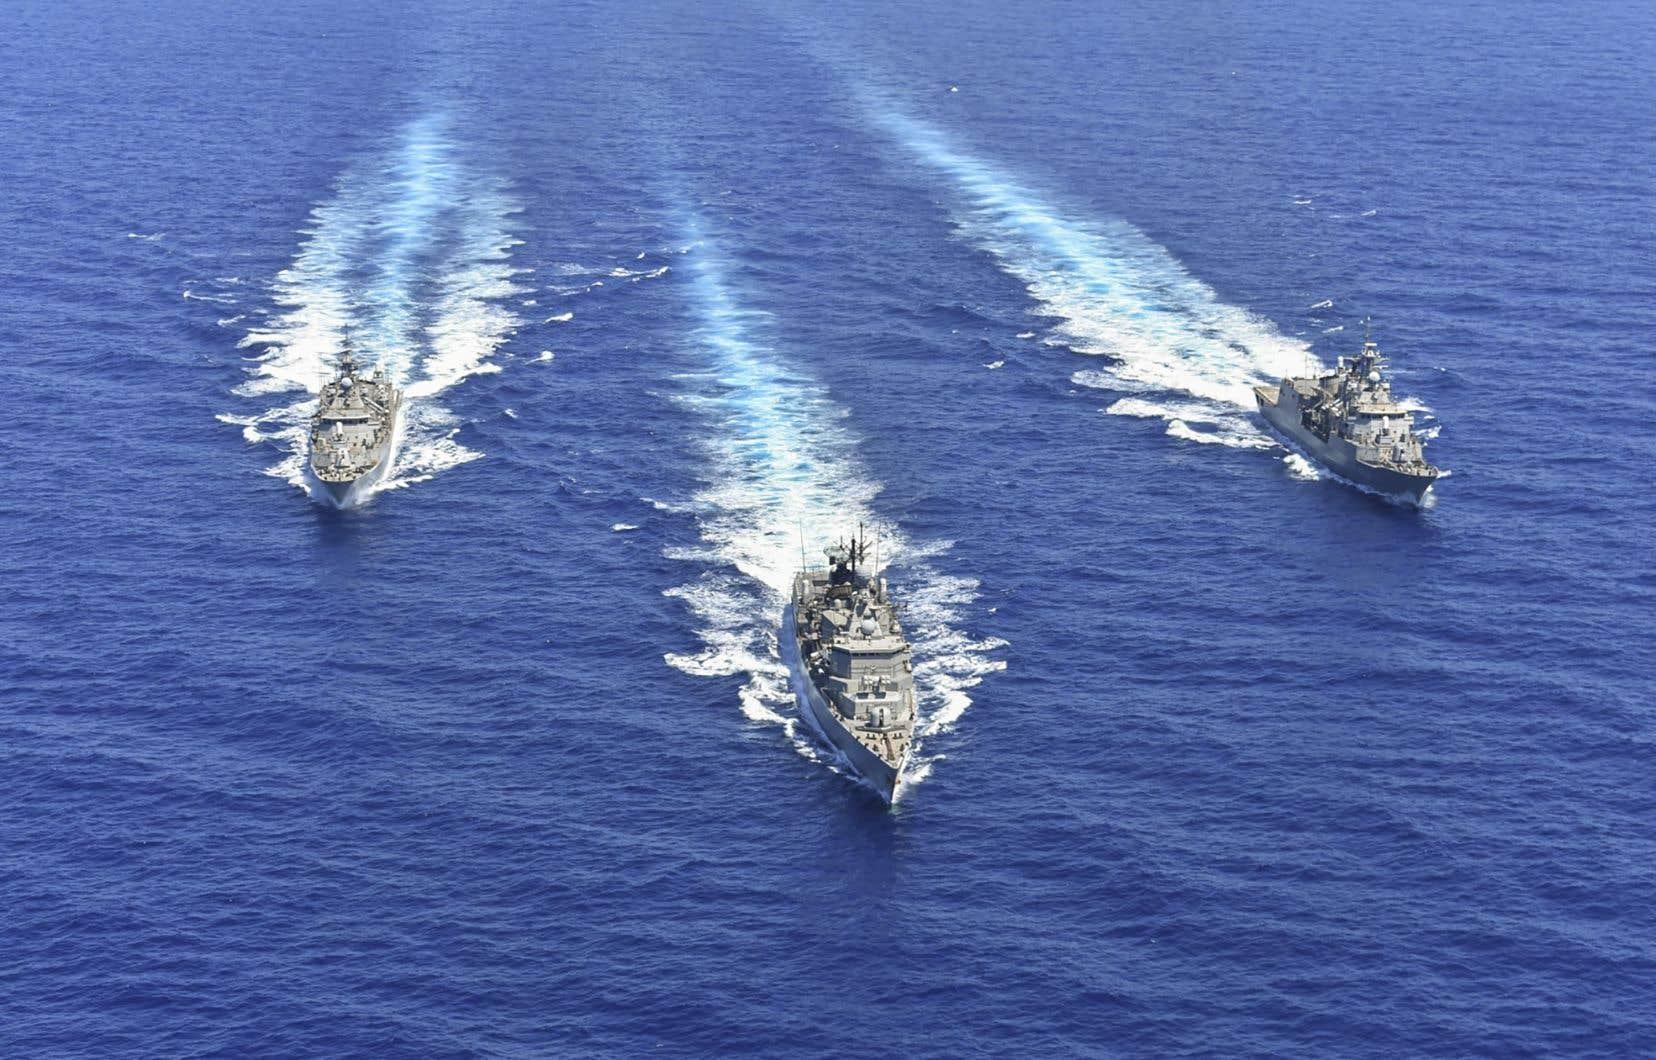 D'un côté, des navires de guerre turcs ont procédé à des exercices avec un destroyer américain, selon le ministère turc de la Défense. De l'autre, un exercice européen mené par Chypre, la Grèce, la France et l'Italie (notre photo) a commencé mercredi et doit durer jusqu'à vendredi dans le sud et le sud-ouest de Chypre, selon une source militaire.